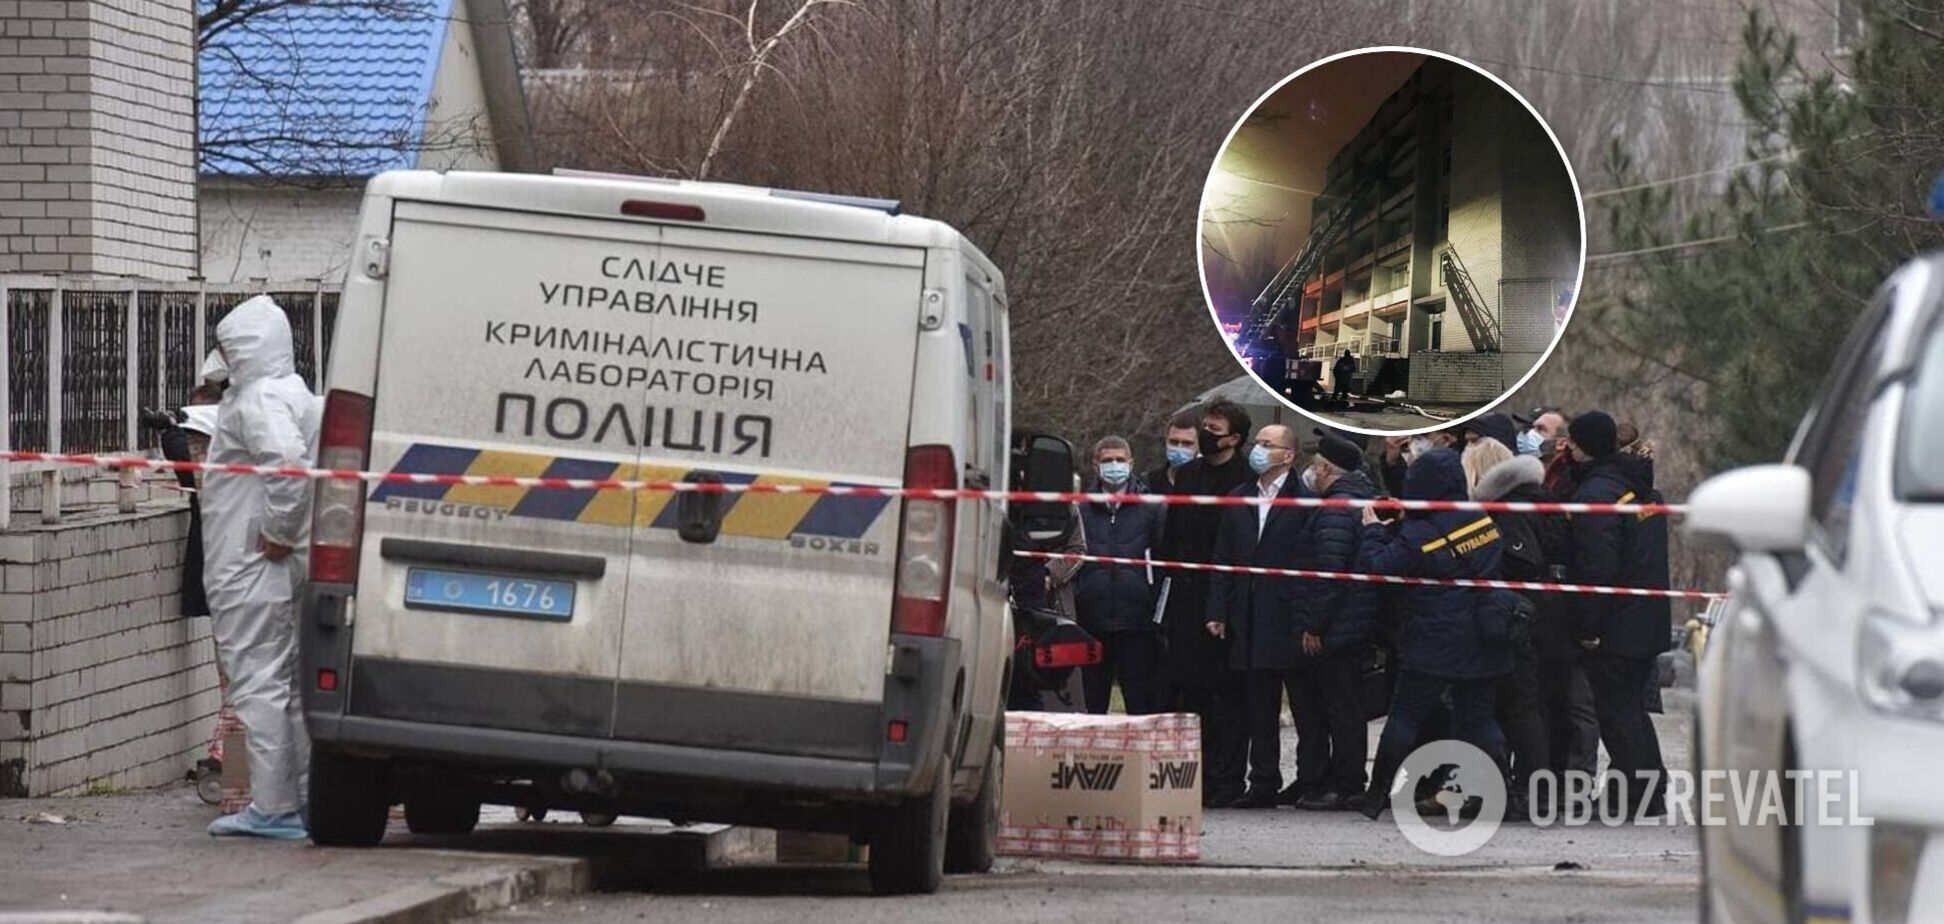 В МВД и Минздраве озвучили главные версии пожара в Запорожье, в котором погибли 4 человека